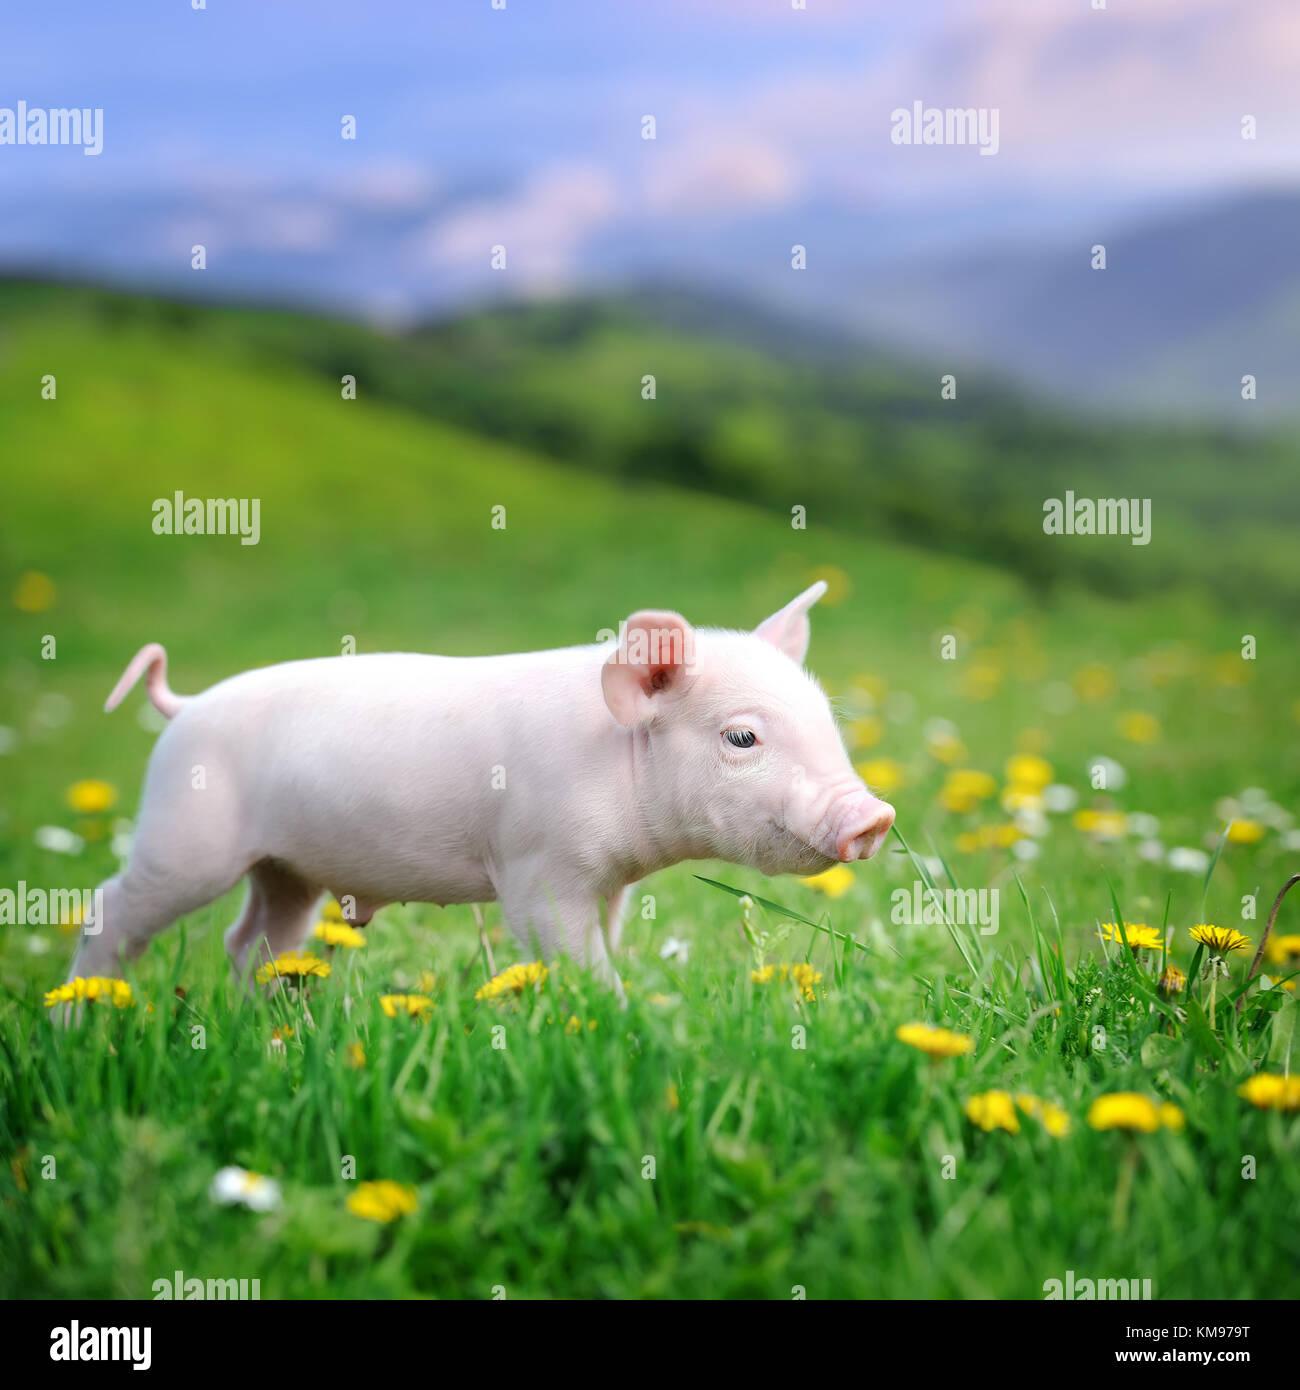 Junge Schwein ein Frühlingsgrün Gras in der Wiese Stockbild